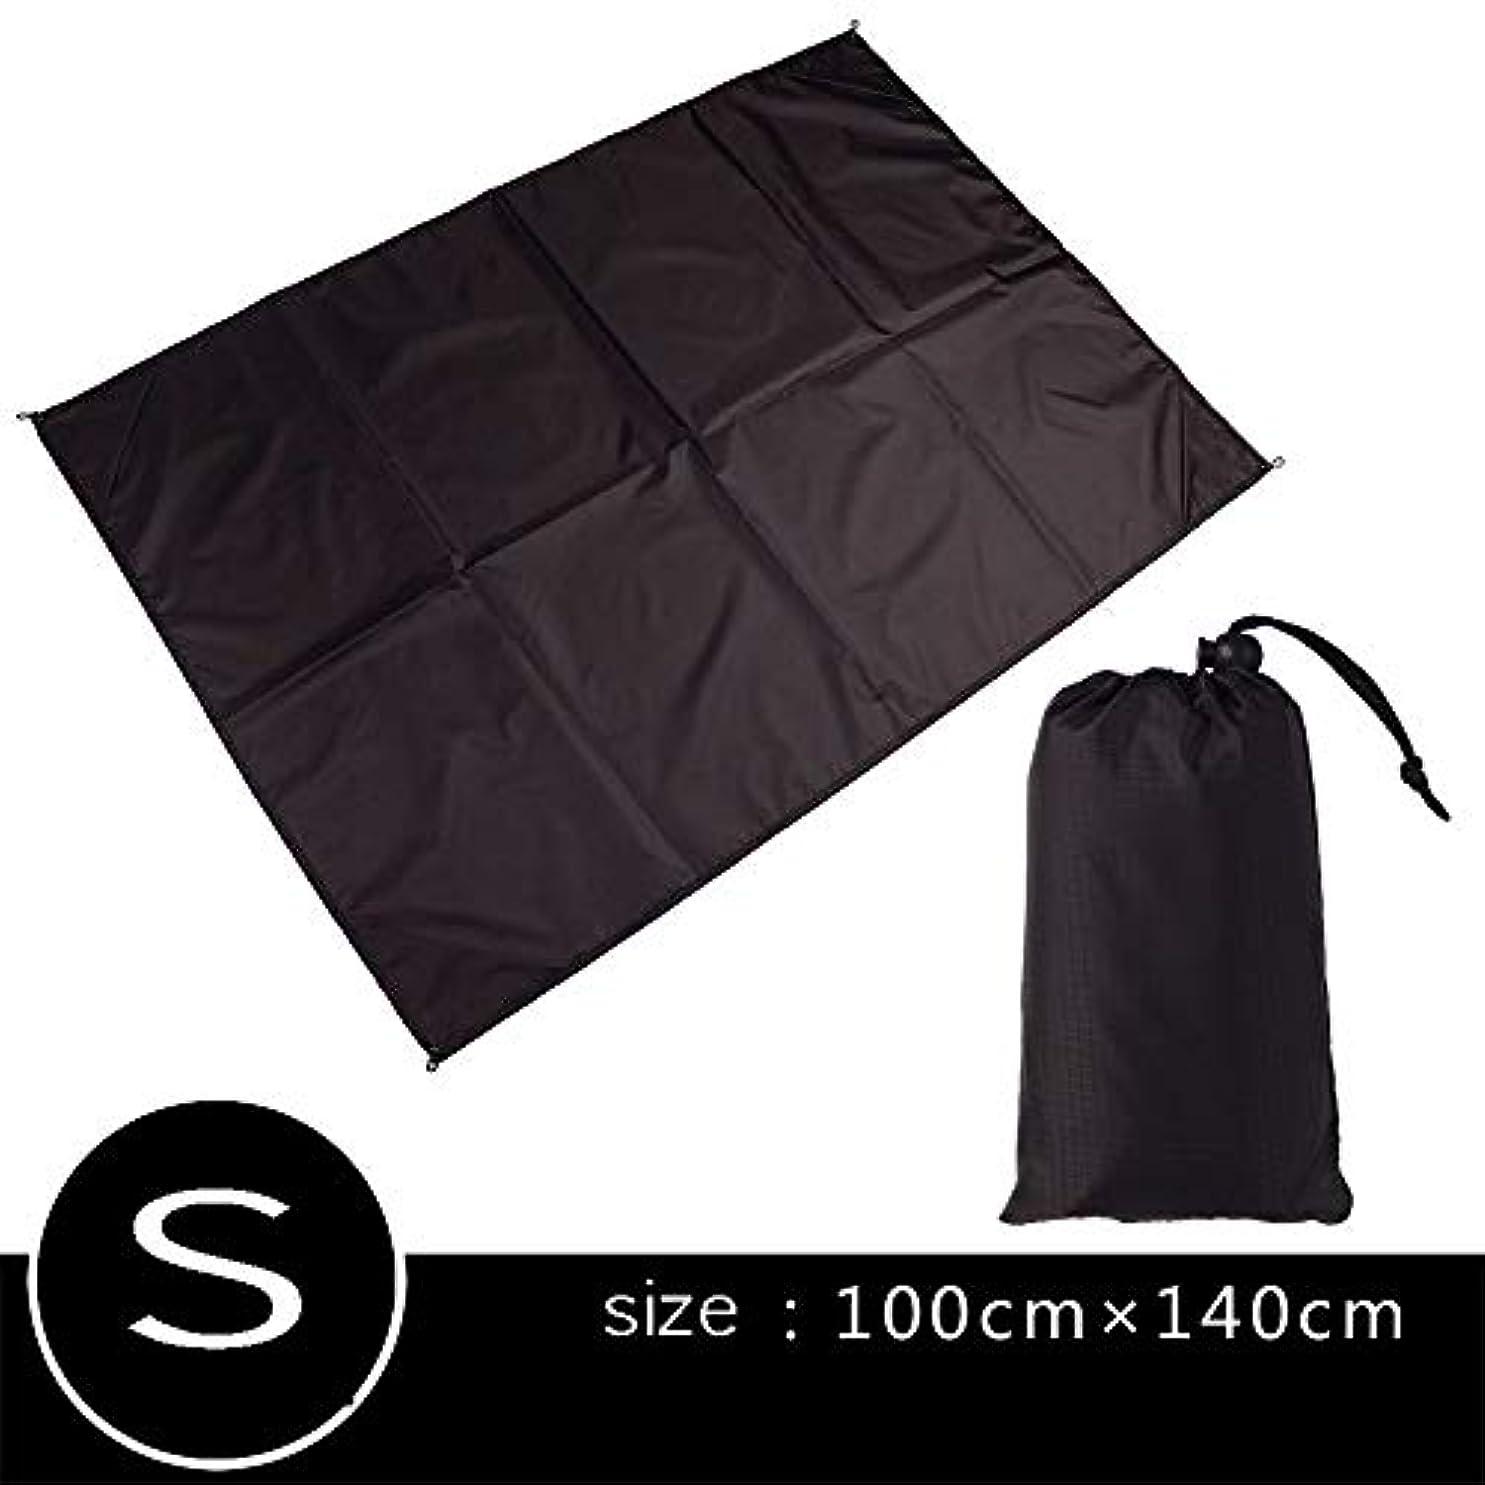 メッセージ潮メタリックソリッドカラーのシンプルさ折りたたみ式砂防止毛布、大きくてコンパクトな砂フリーマットクイックドライ、軽量&丈夫 (色 : ブラック, サイズ : S)